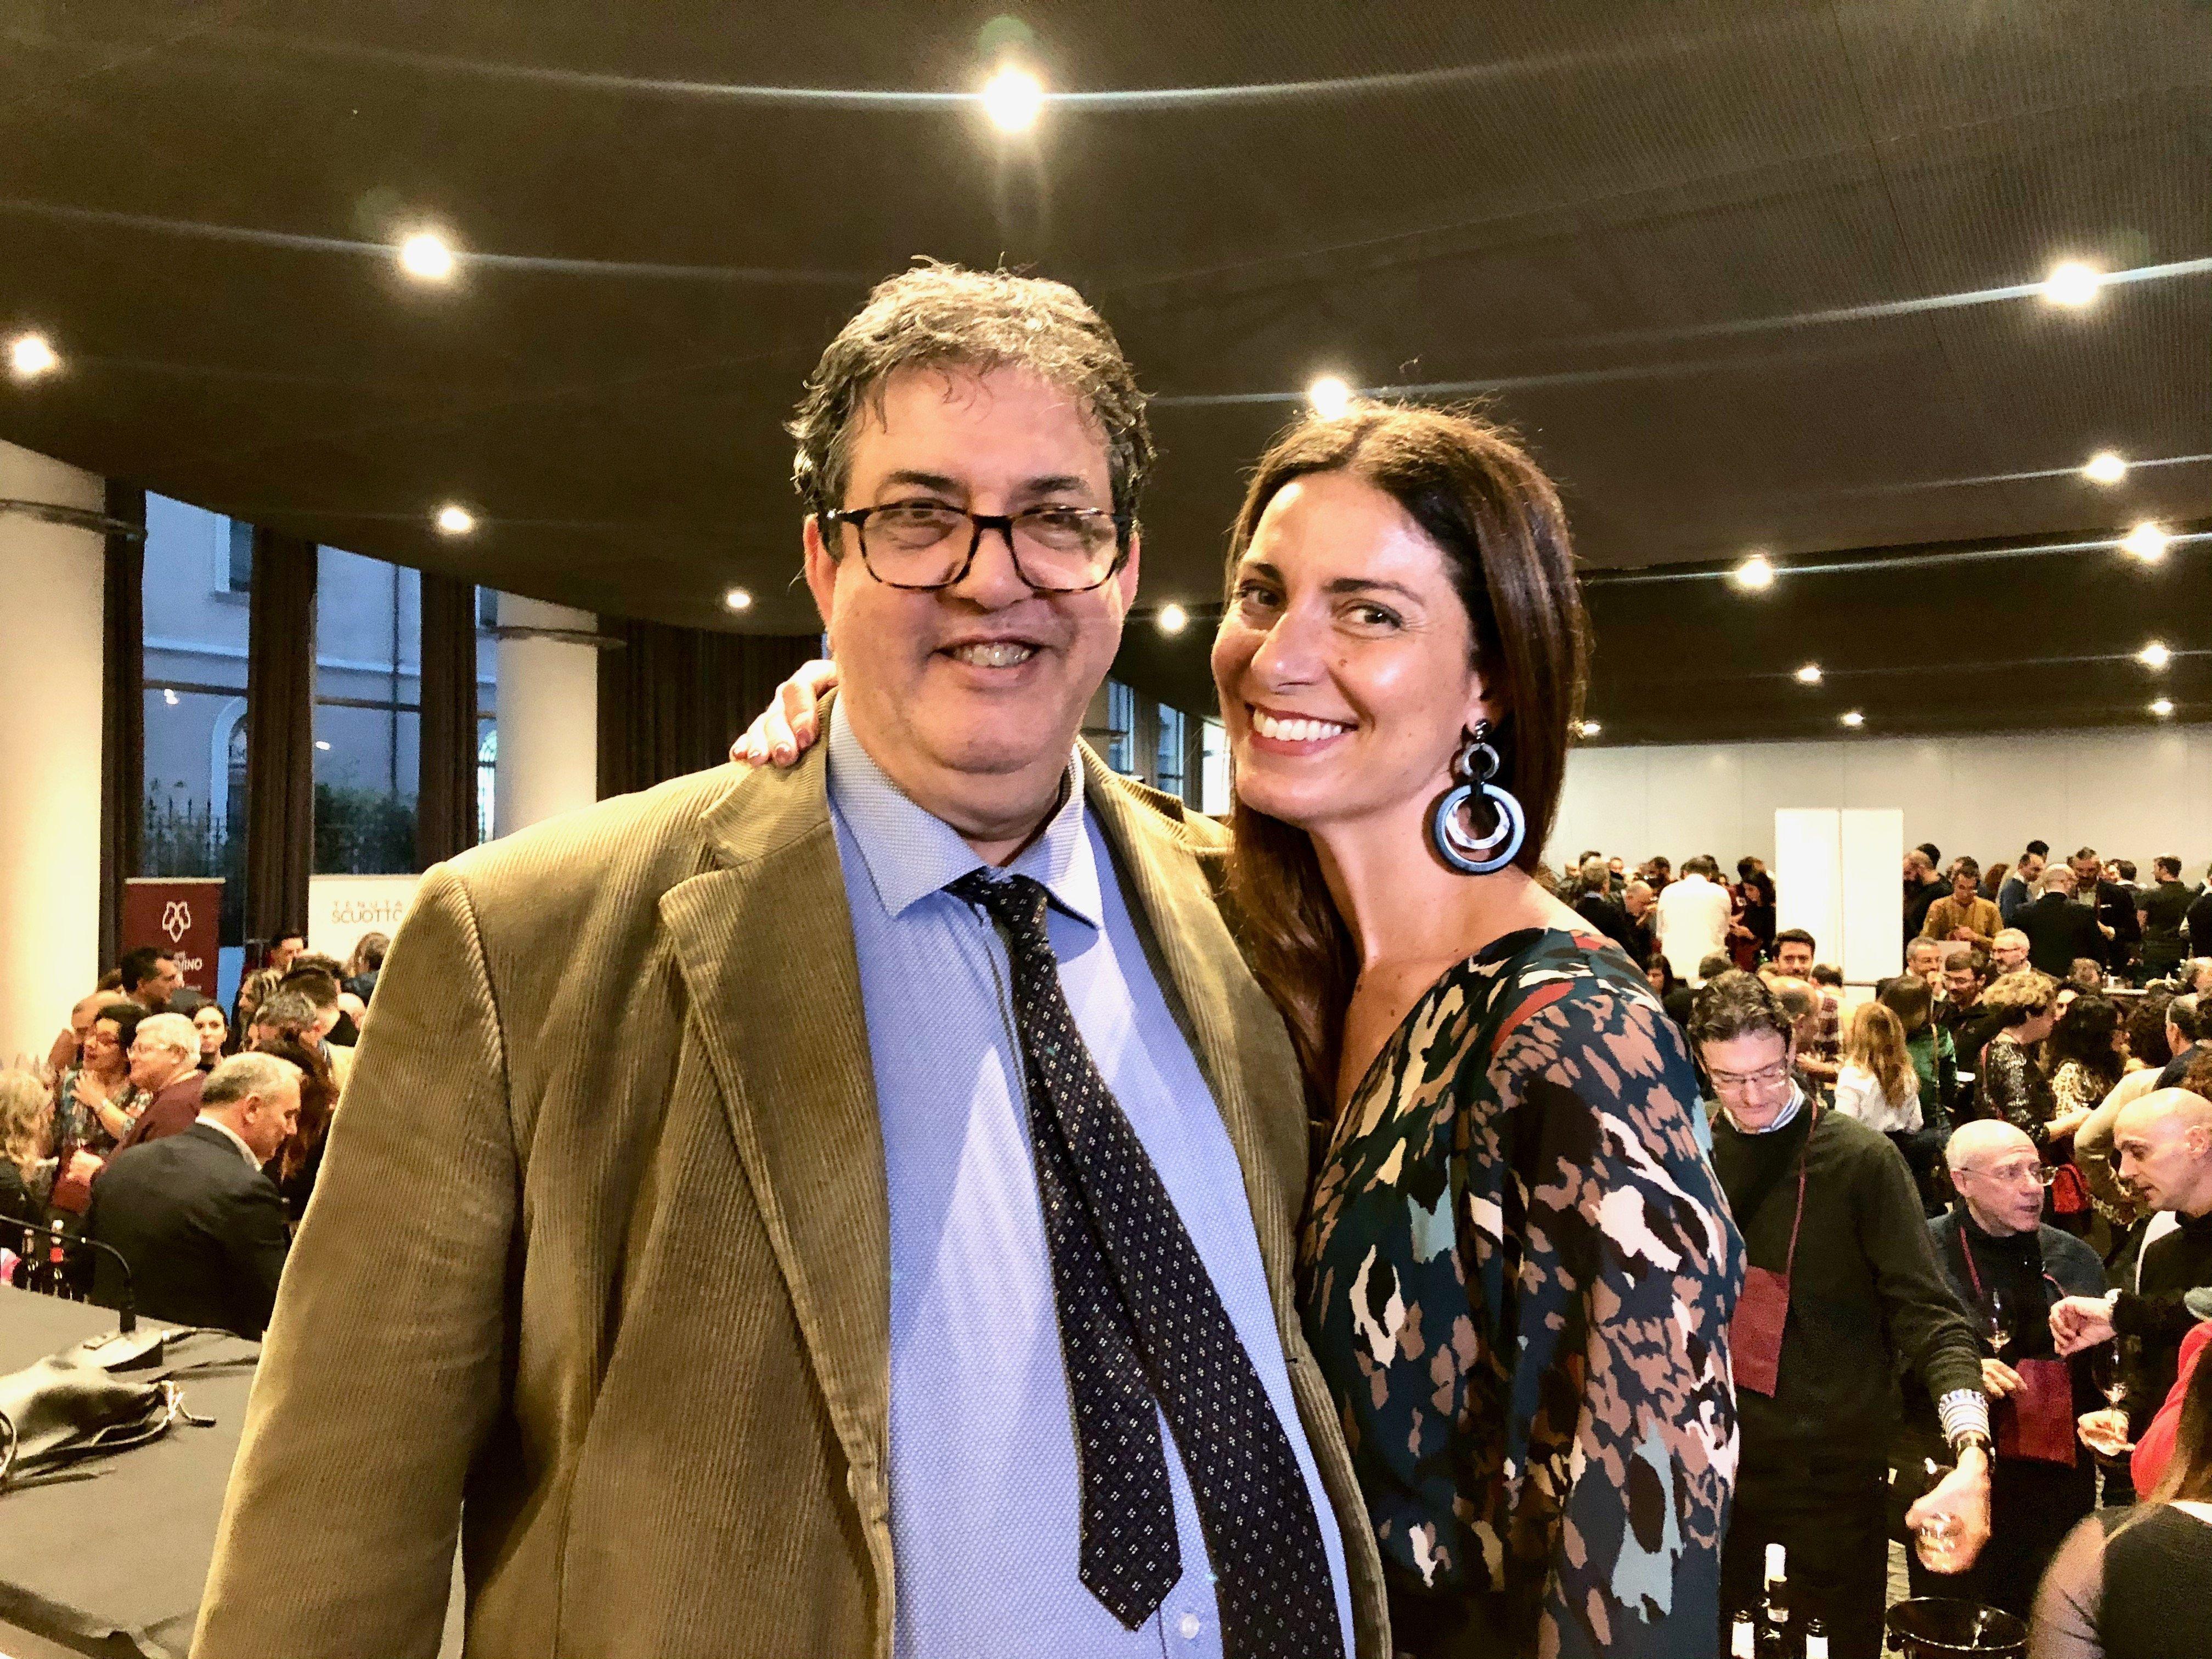 Luciano Pignataro e Chiara Giannotti